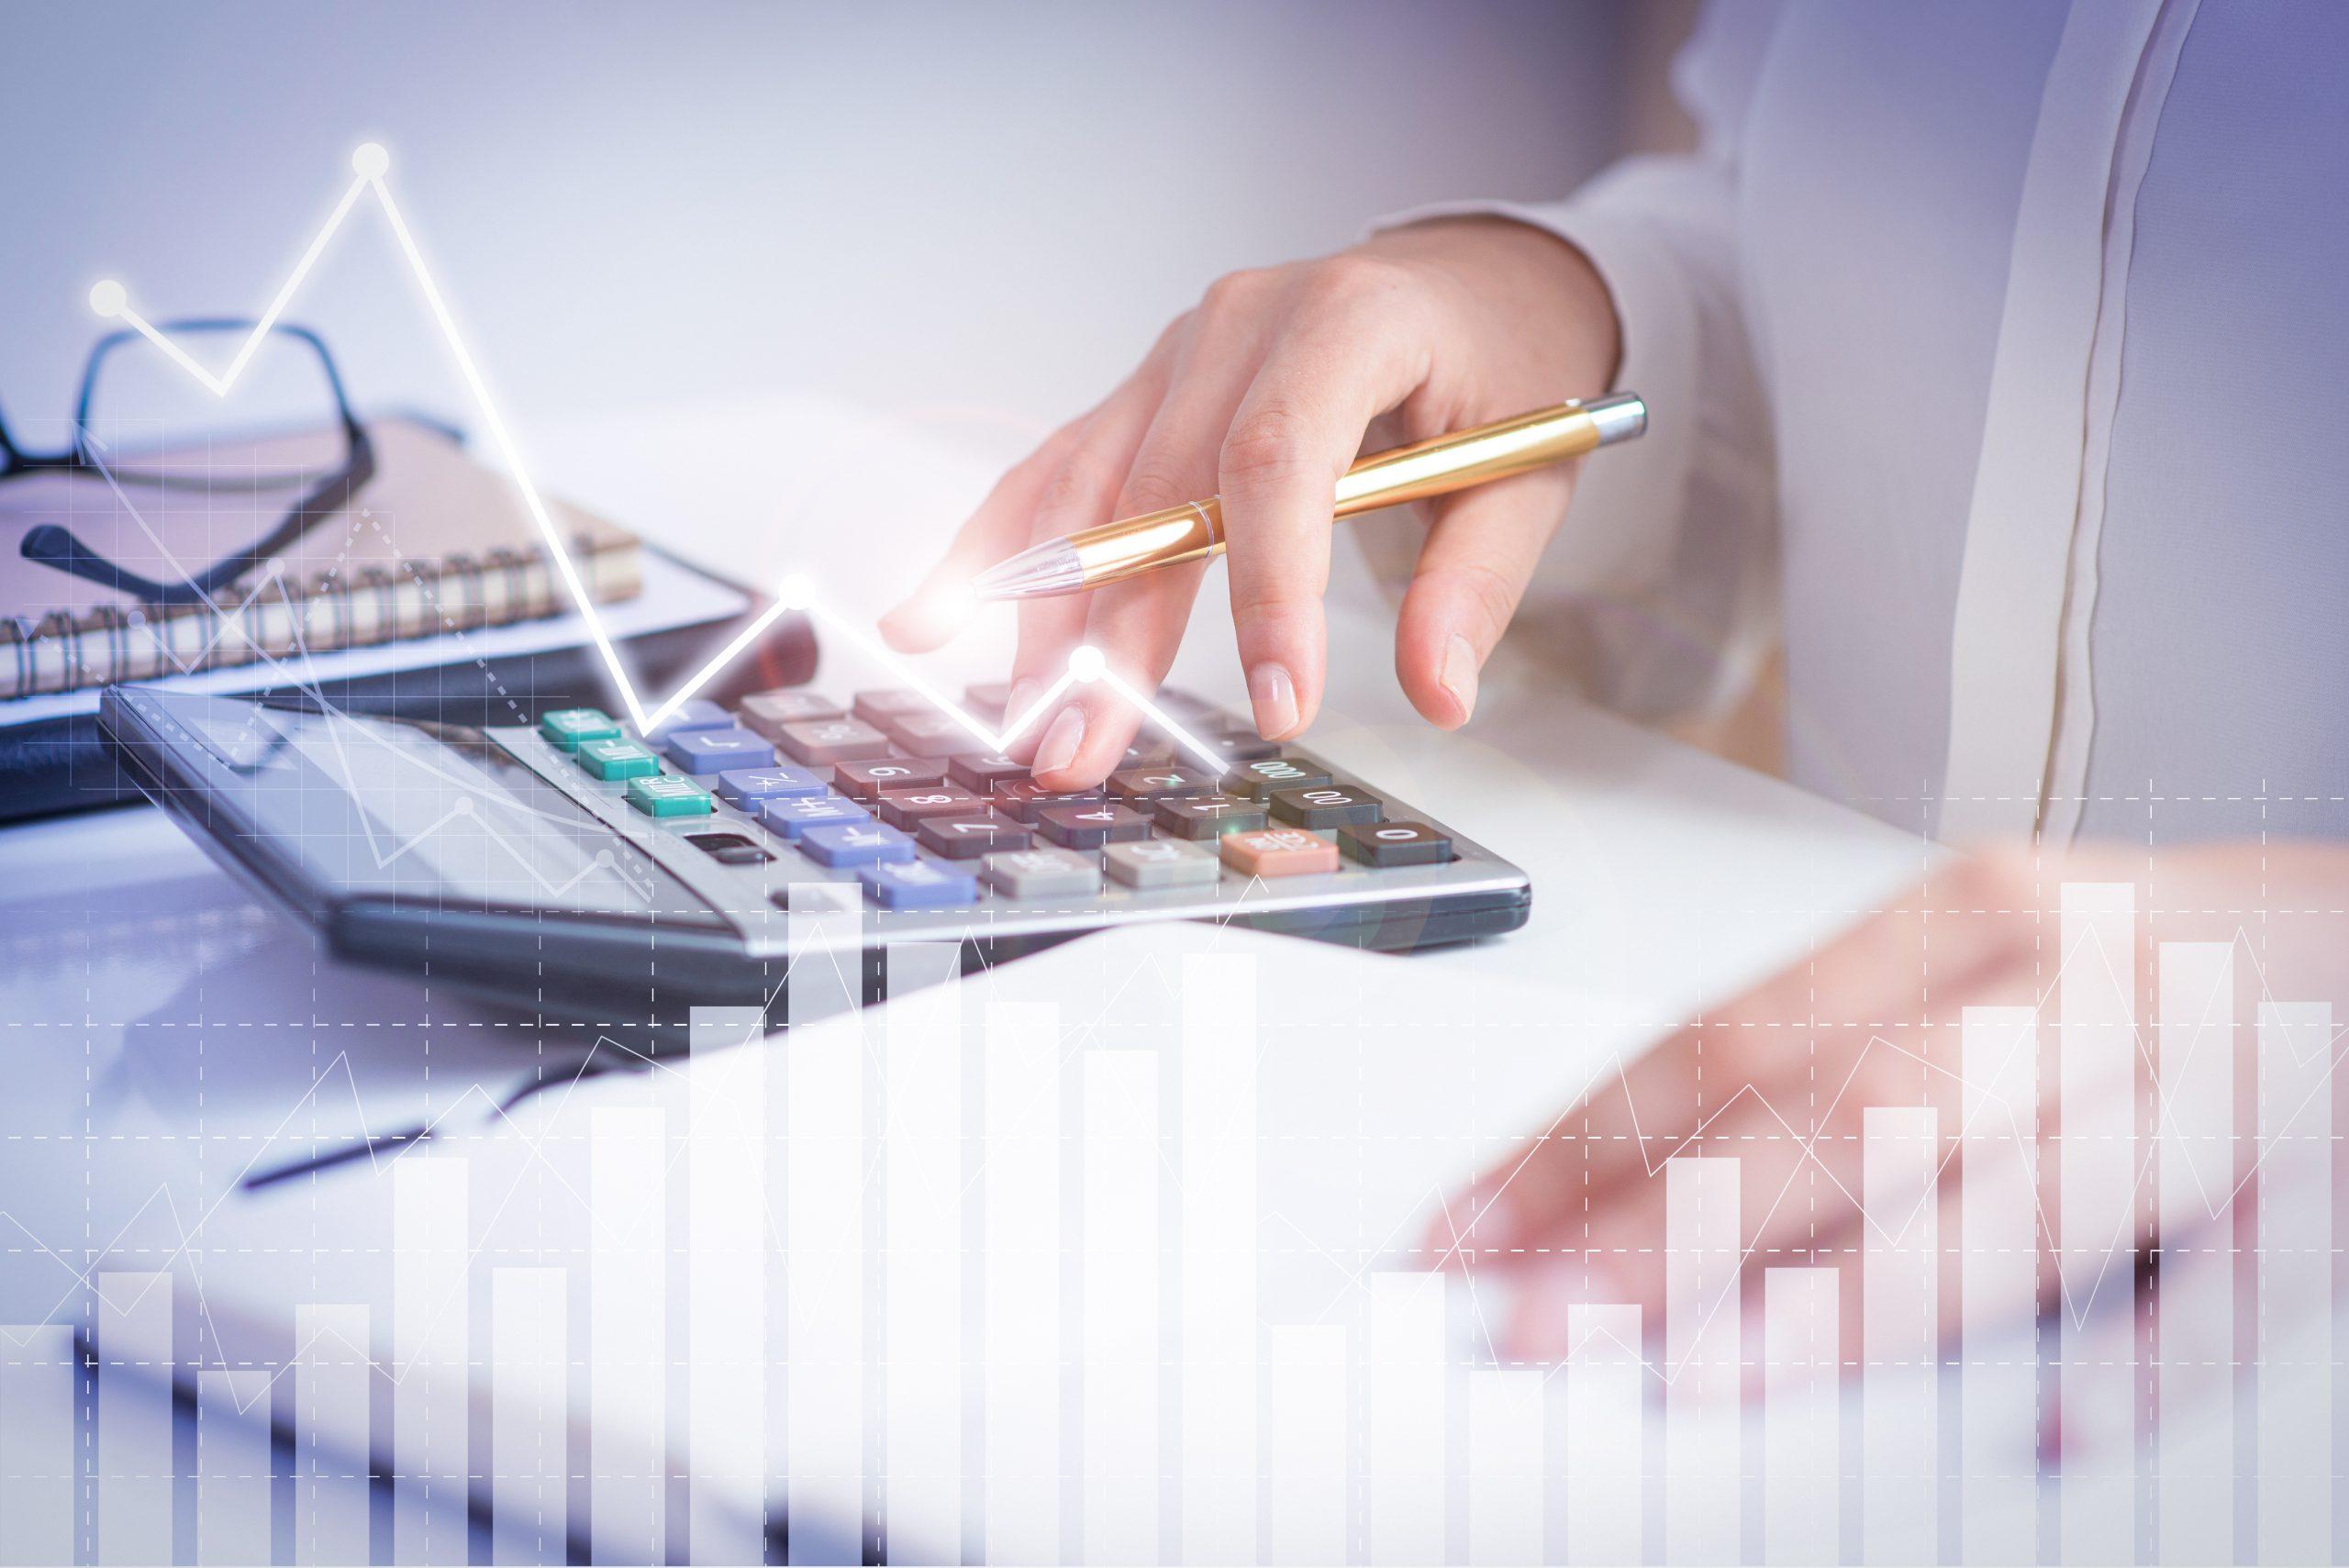 Comment se calcul l'impôt sur le revenu ?